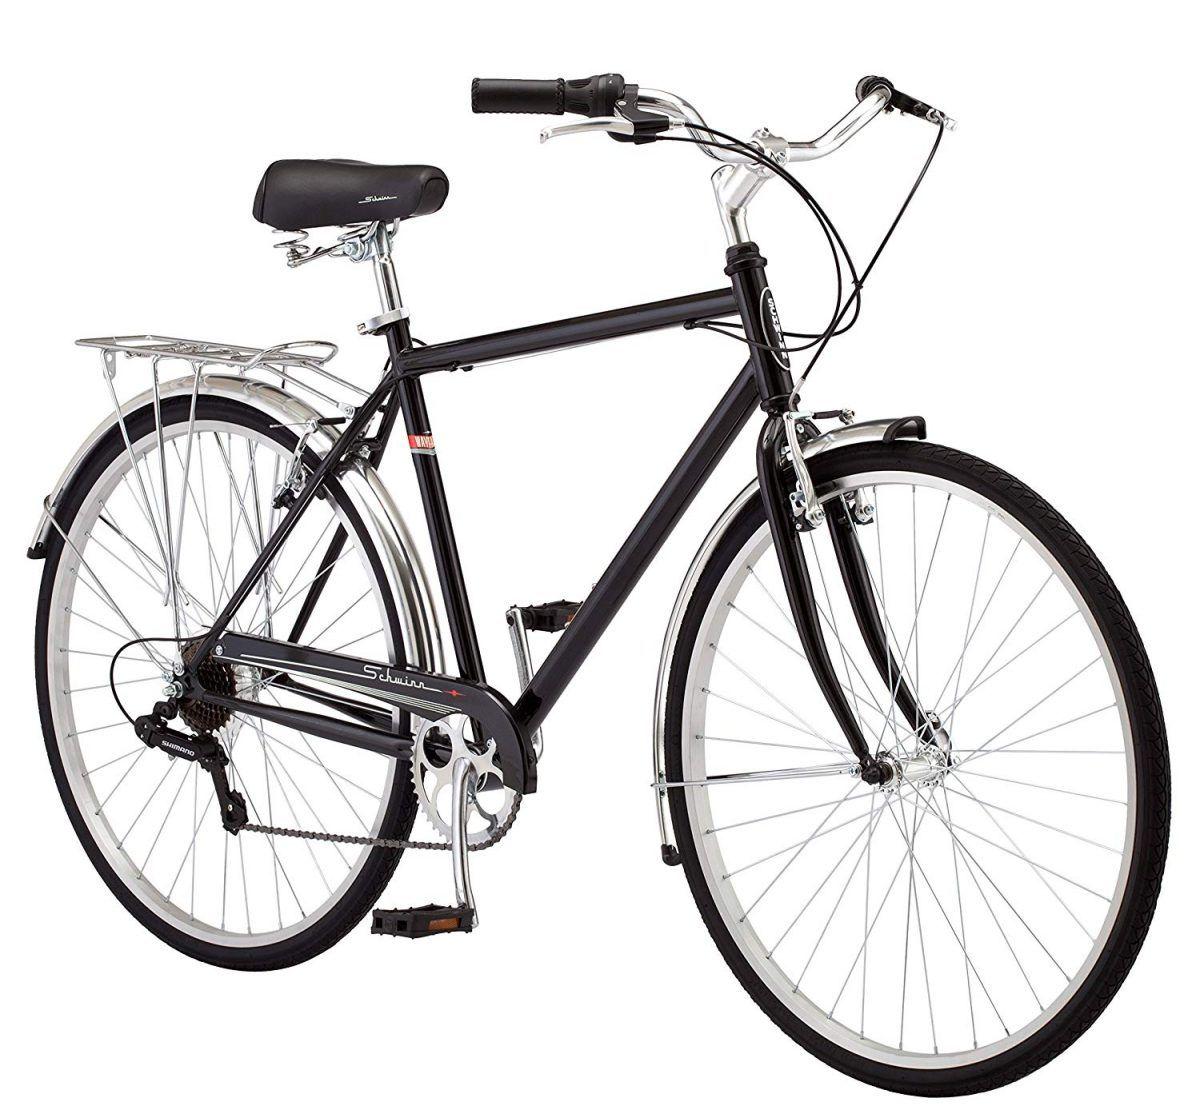 Top 12 Best Hybrid Bikes Under 200 For Beginners Bicycle Bike